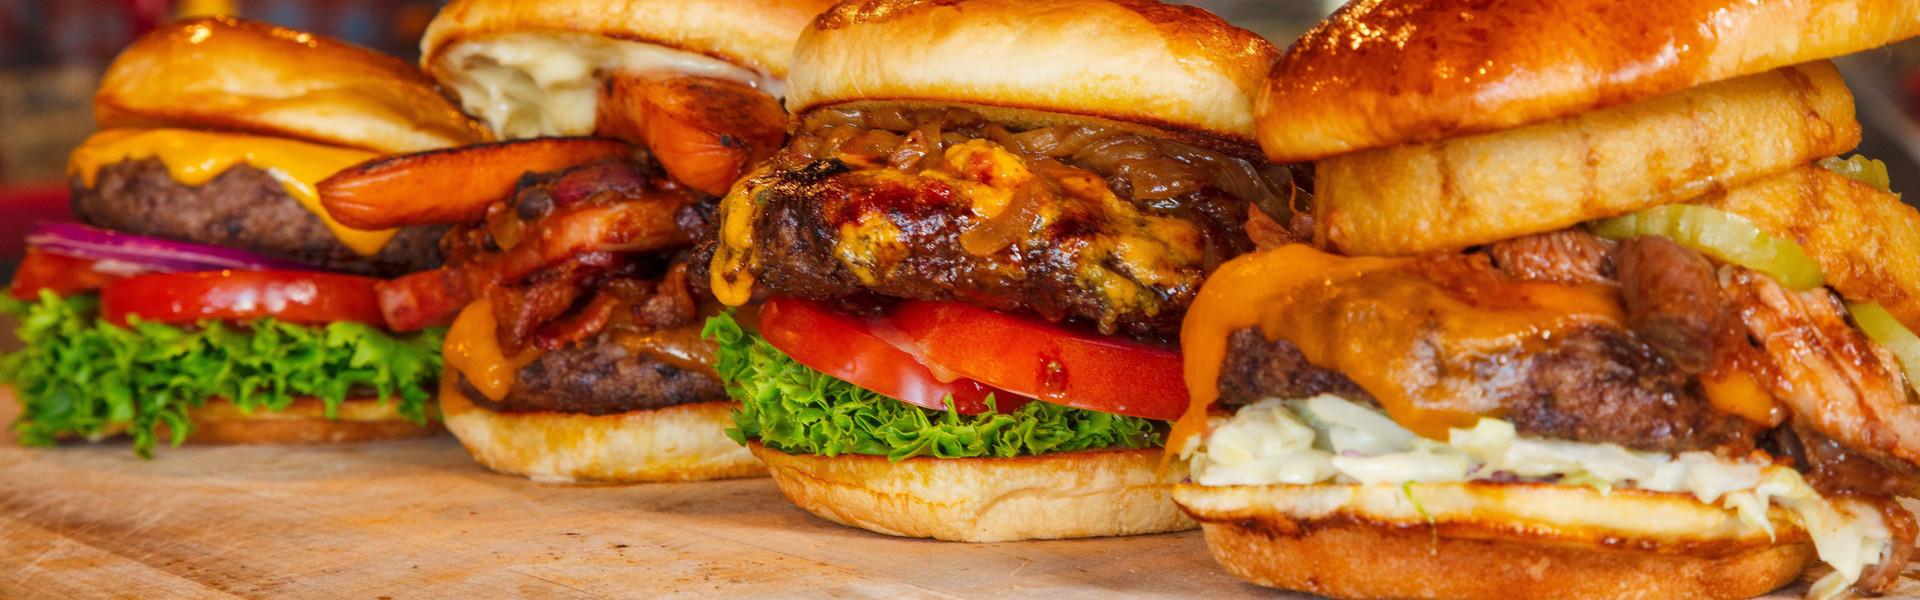 Sports Bar in Park City, Utah | Drafts Burger Bar